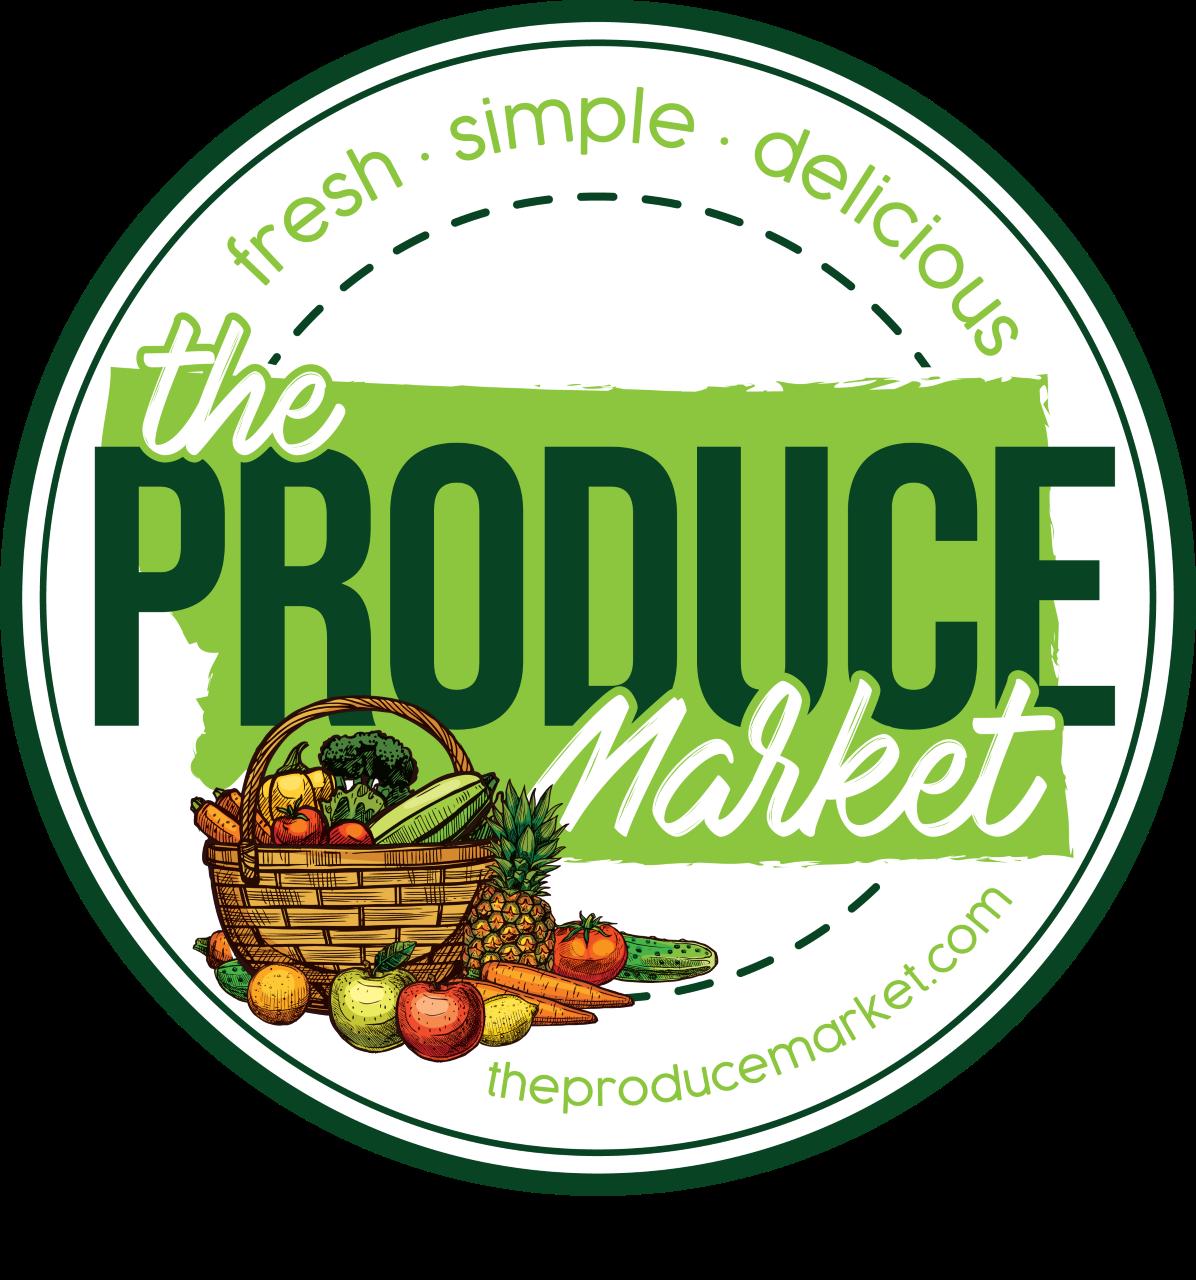 Round+Produce+Market+logo